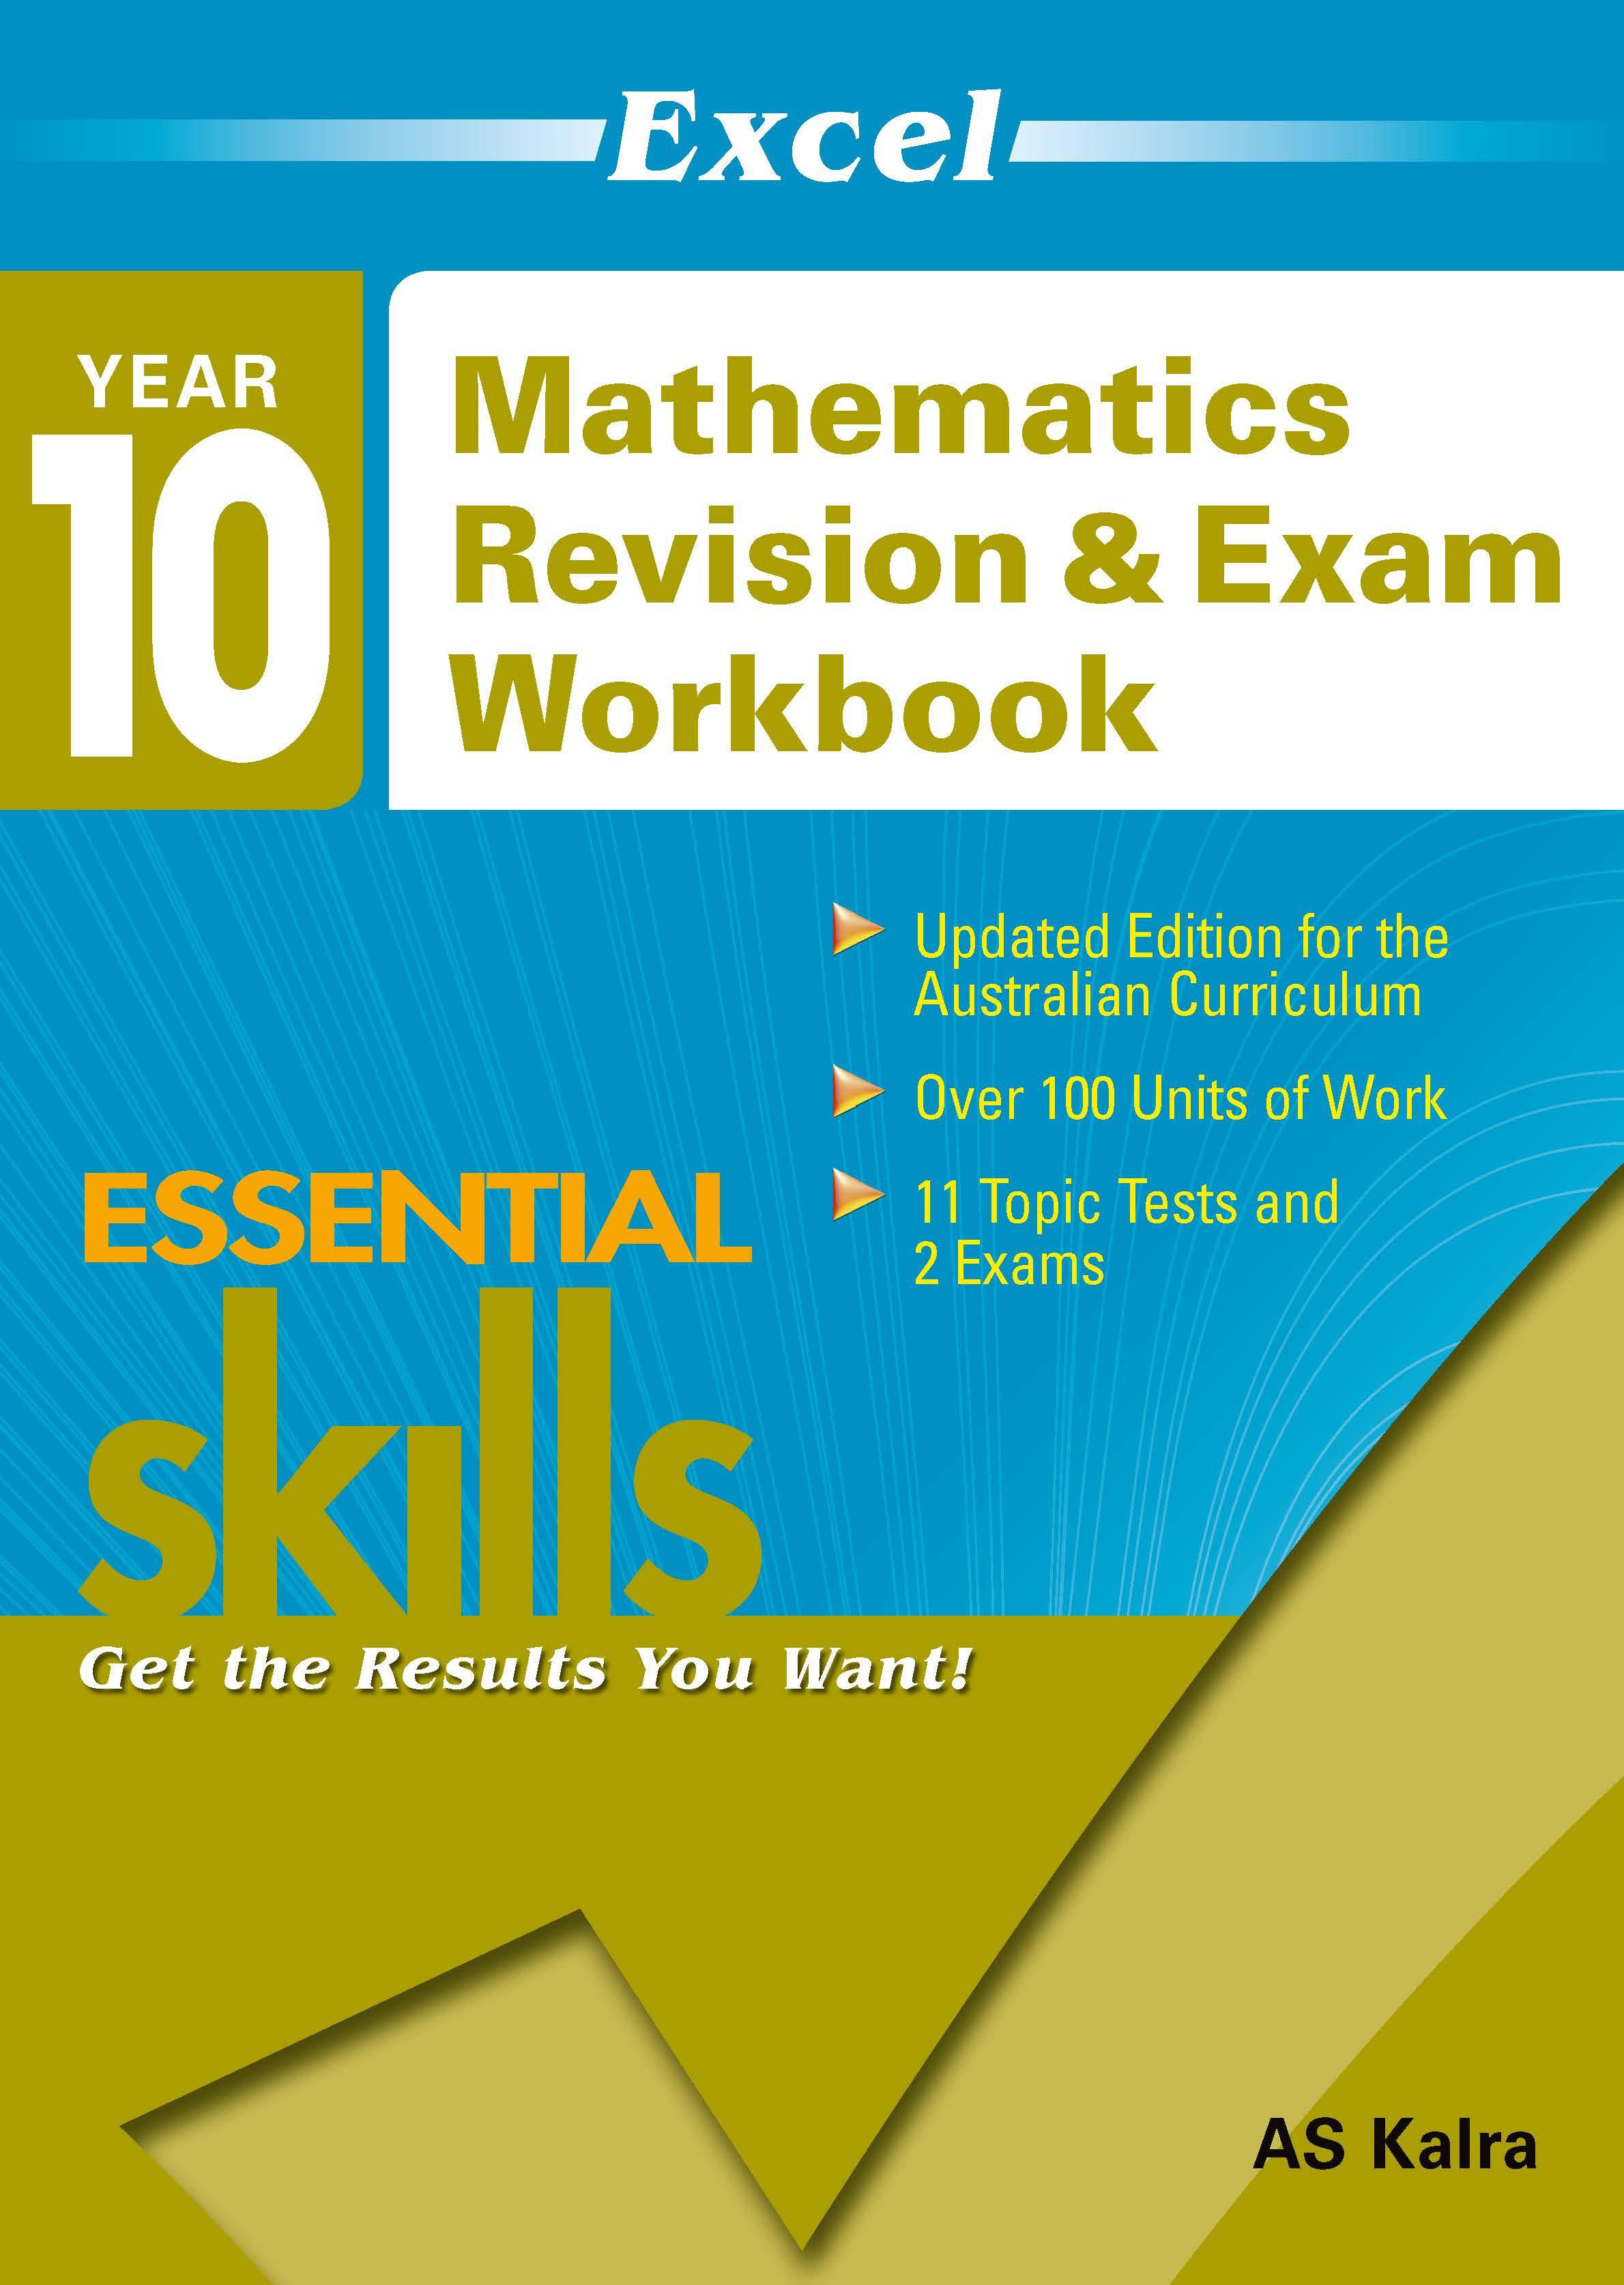 Excel Essential Skills: Mathematics Revision & Exam Workbook Year 10